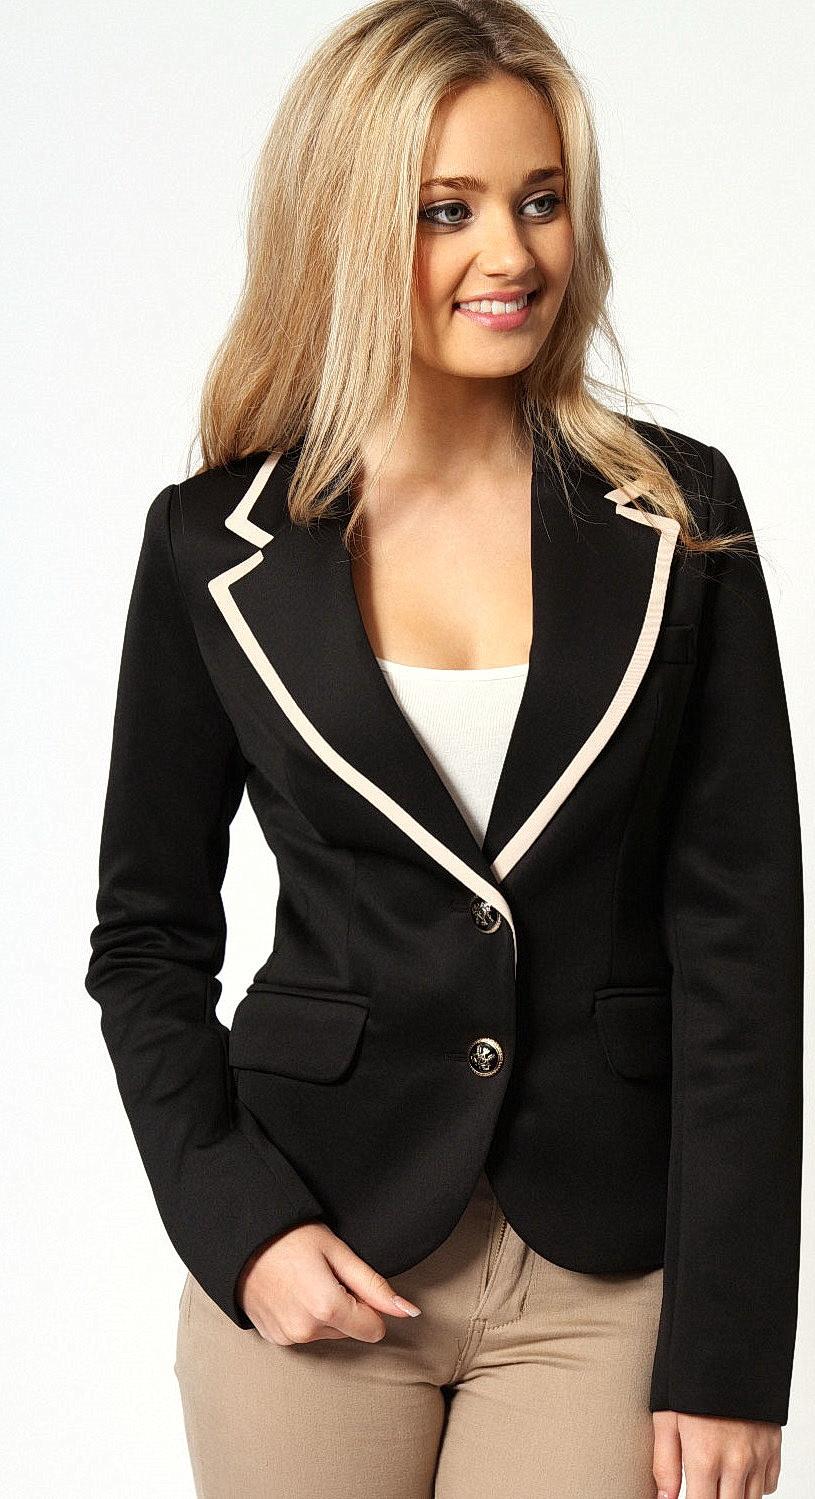 Genç kızlar için ceketler: doğru modeli nasıl seçerim